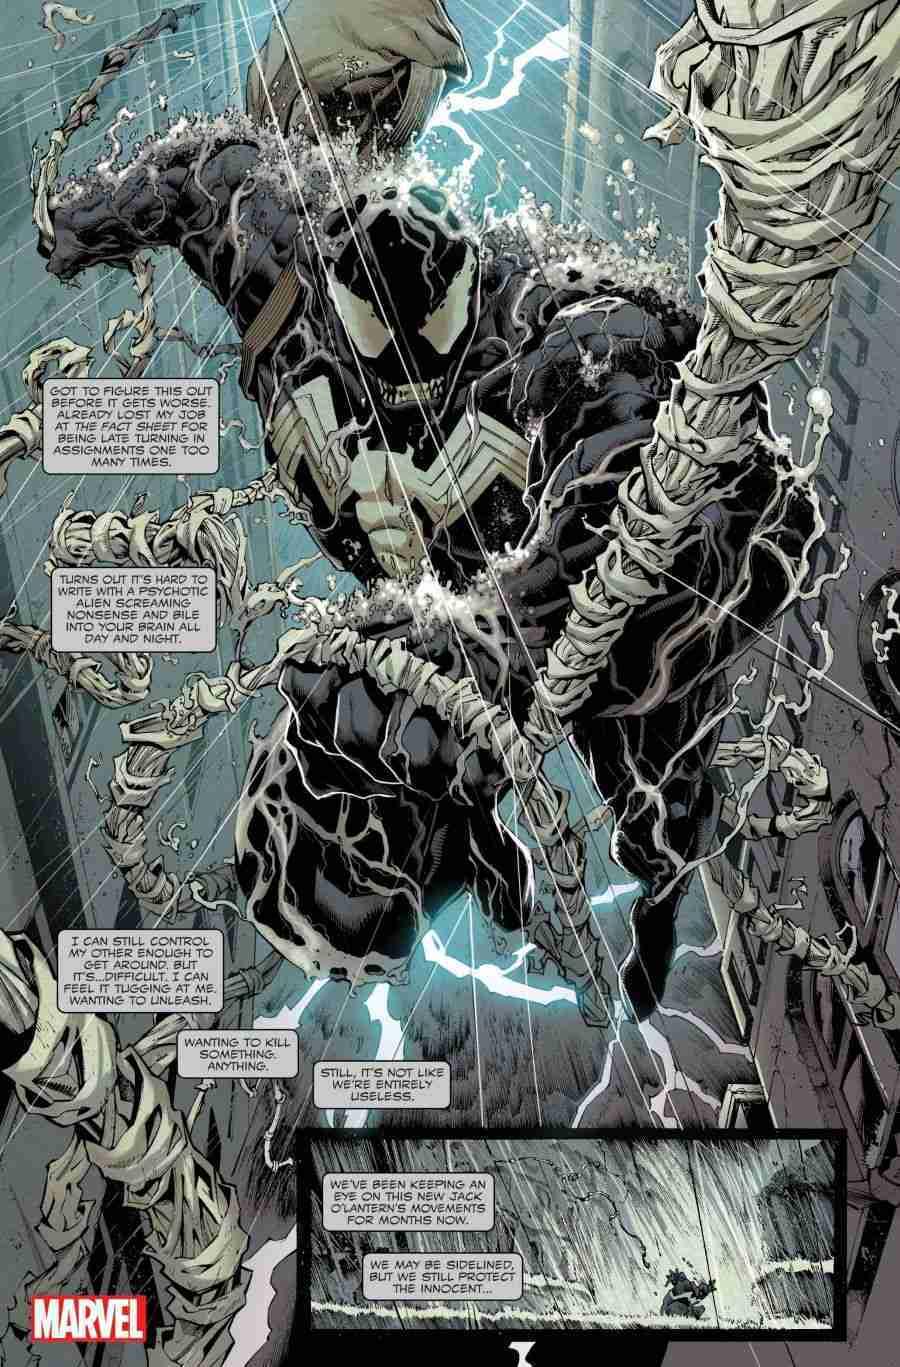 Venom #1, anteprima 04